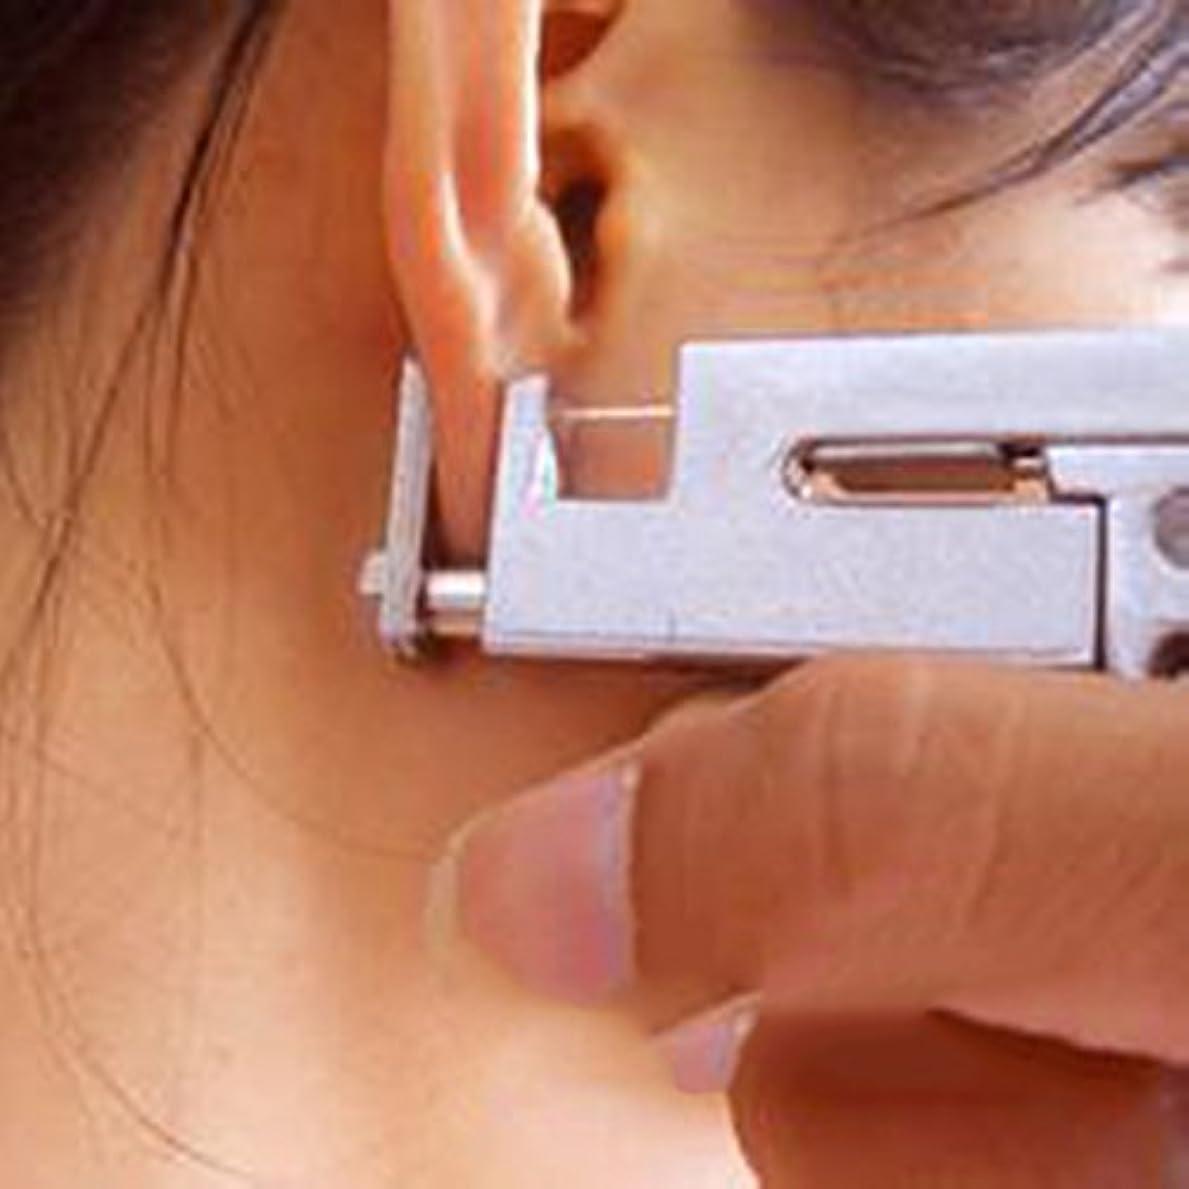 貪欲ボランティア買うプロの耳ボディ鼻ピアスガン 工作機械キットセット+ 98個スチールスタッド 使いやすい